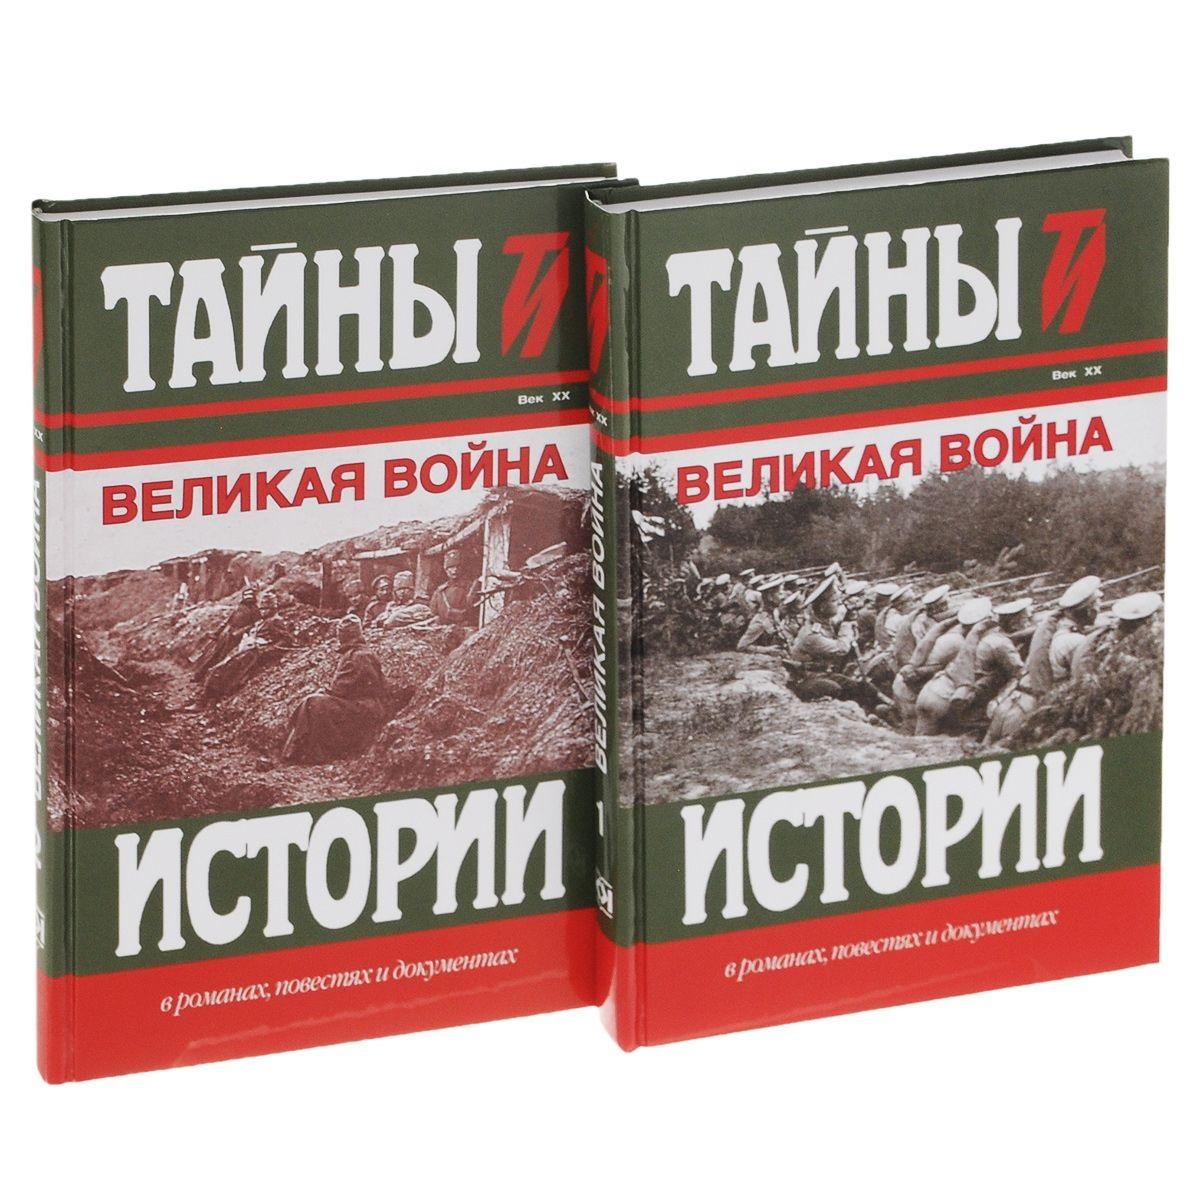 Милюков П., Шингарев А., Туган-Барановский М. и др. Великая война. Век XX (комплект из 2 книг)